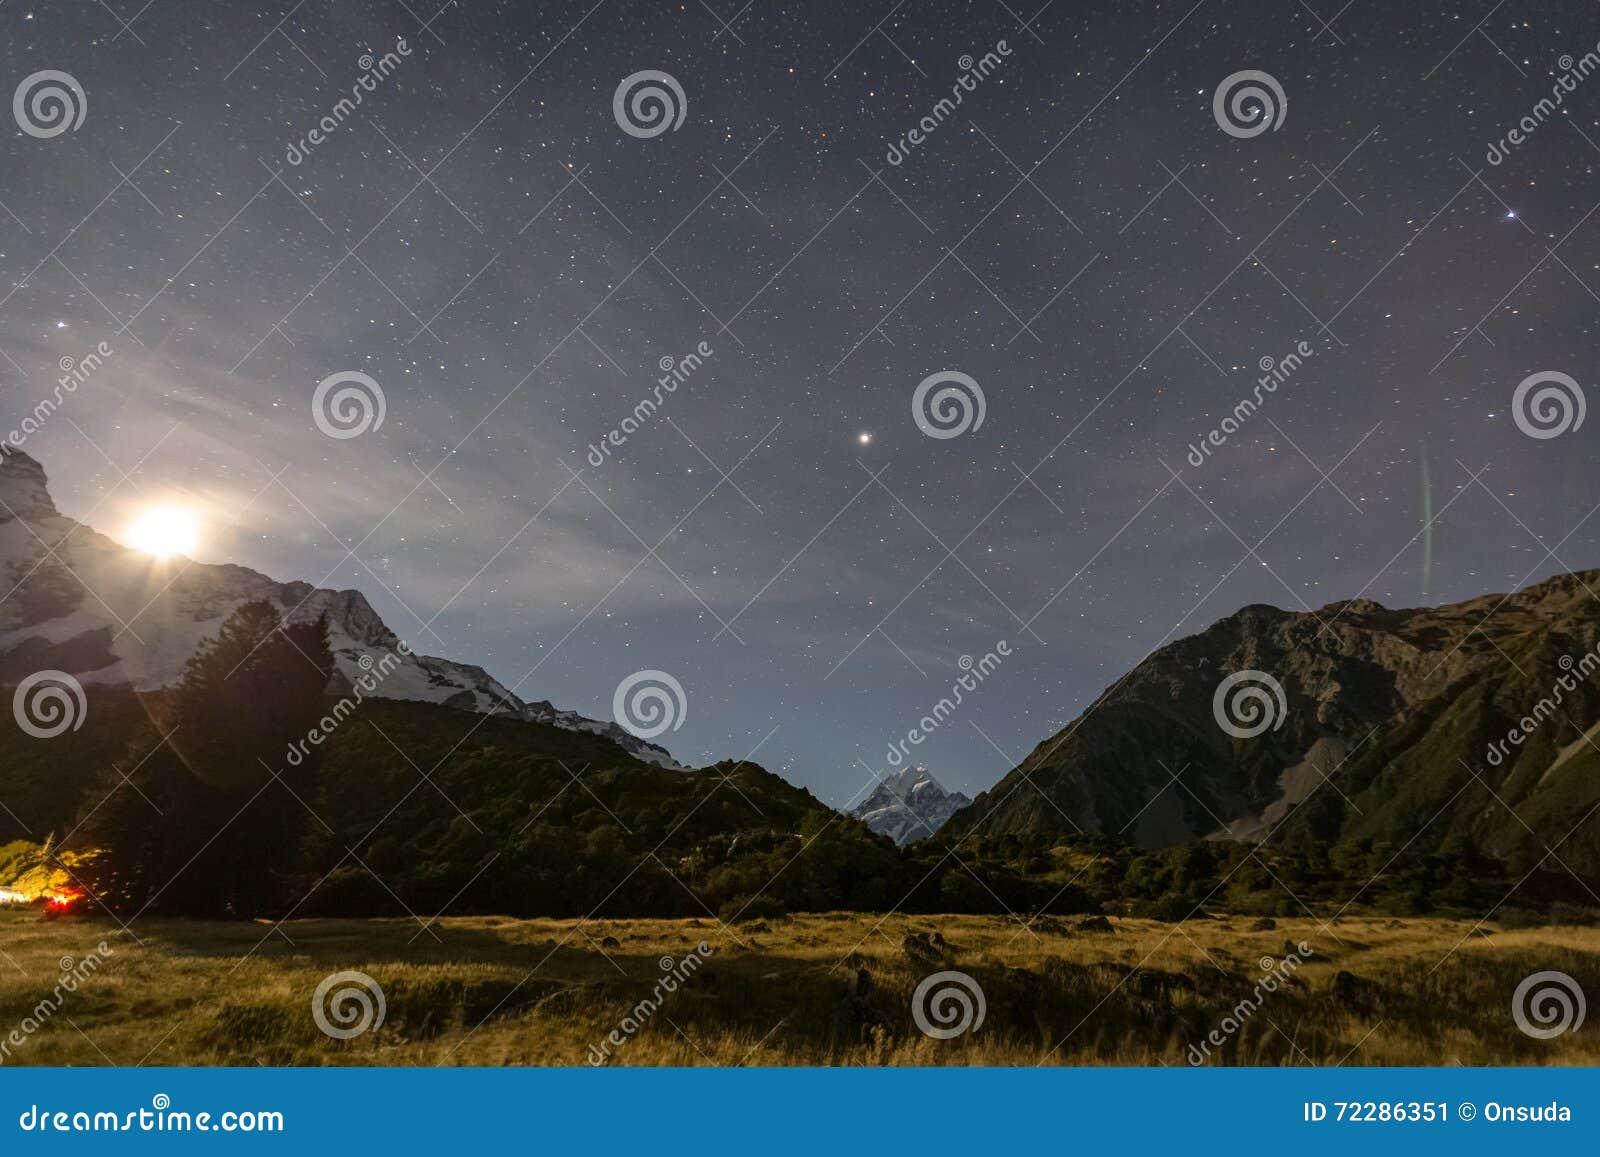 Download Mt сварите на ноче с звездами в небе Стоковое Изображение - изображение насчитывающей место, гора: 72286351